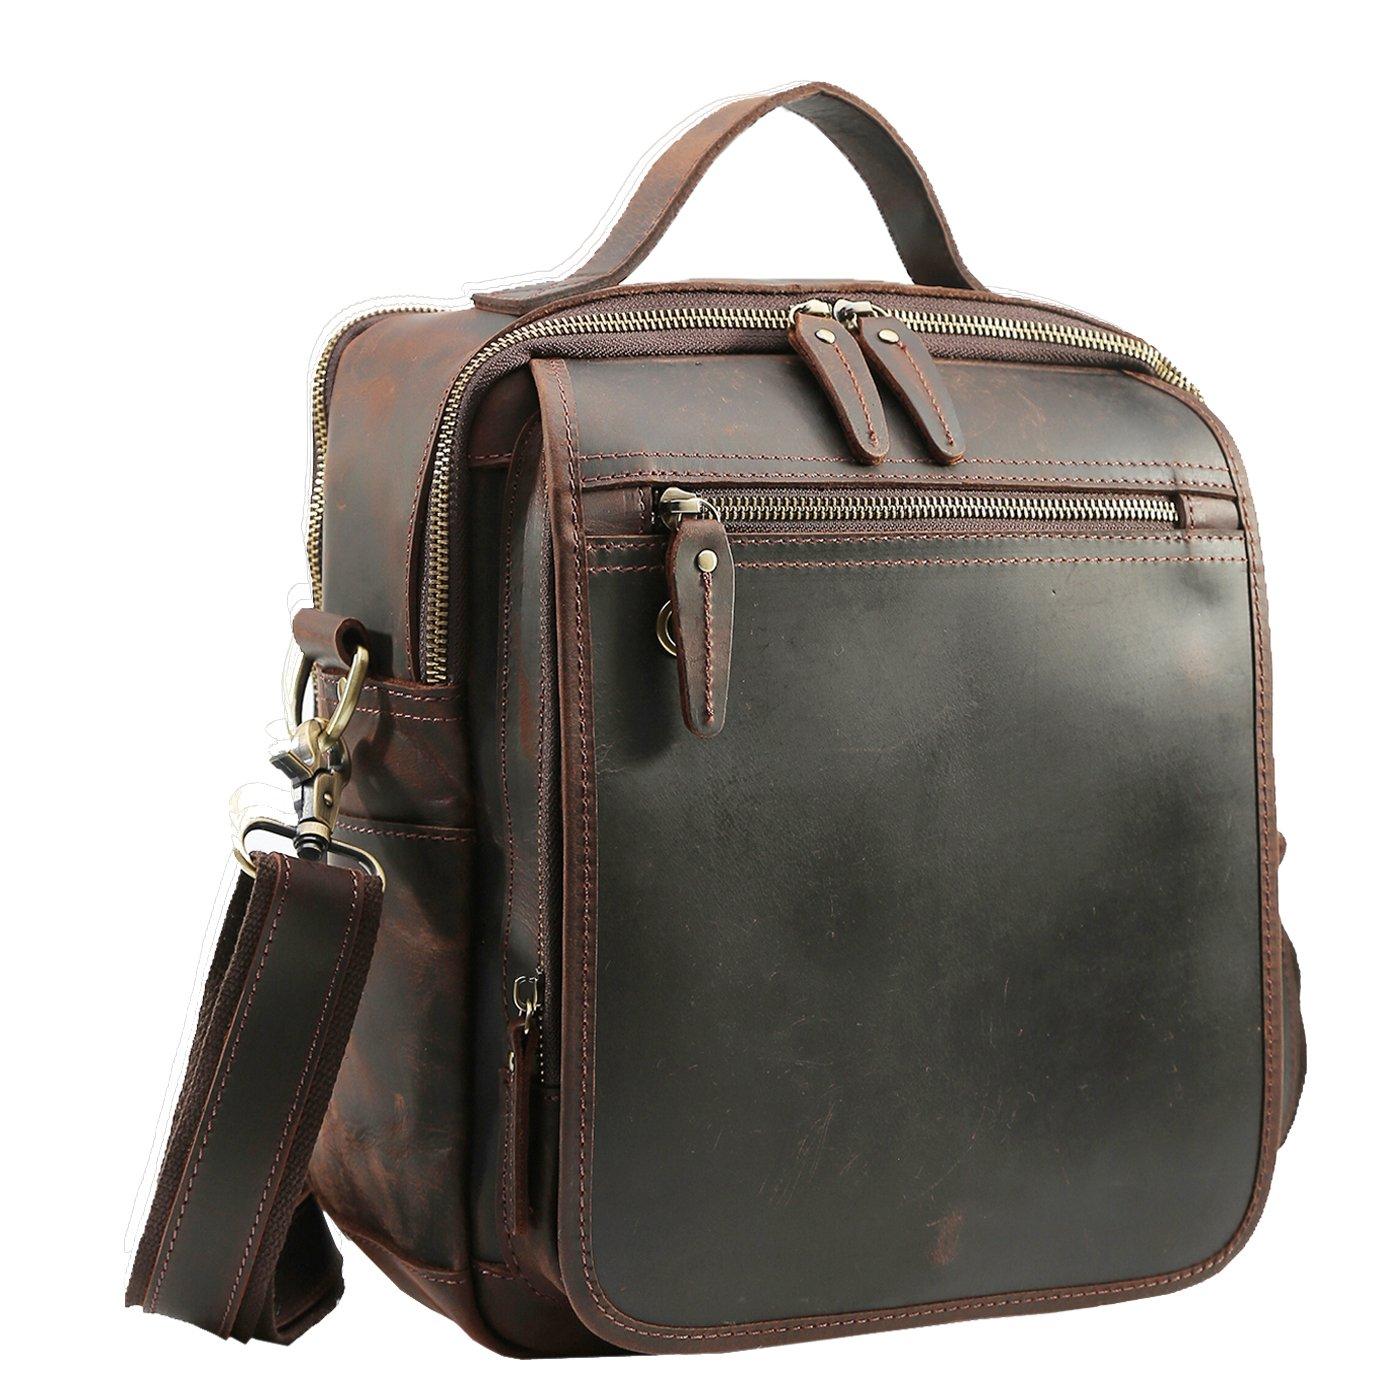 Polare Men's Full Grain Leather Shoulder Bag Messenger Bag Travel Bag Business Bag Working Bag Satchel